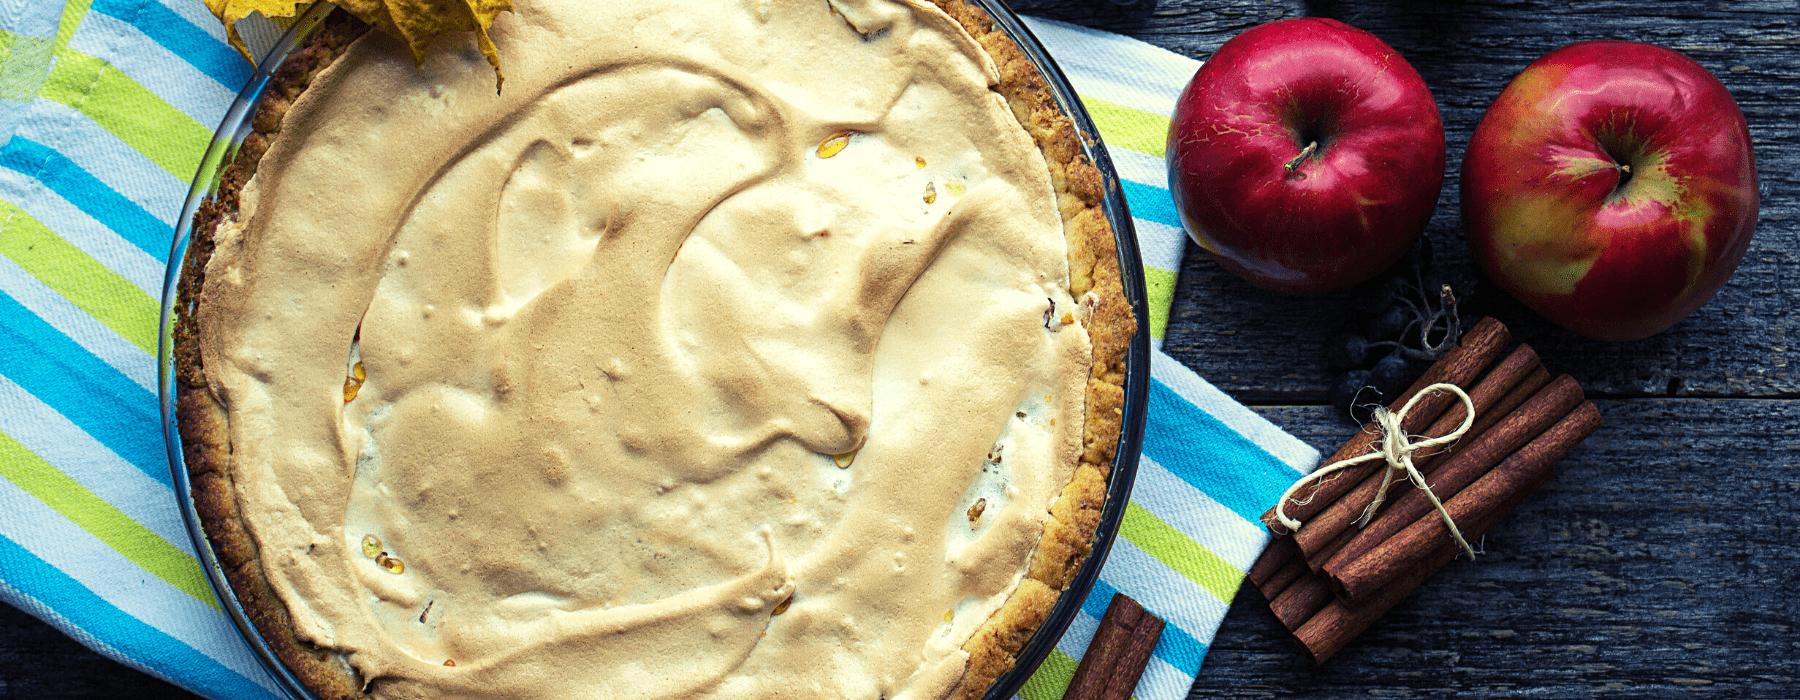 пиріг з яблуками і безе